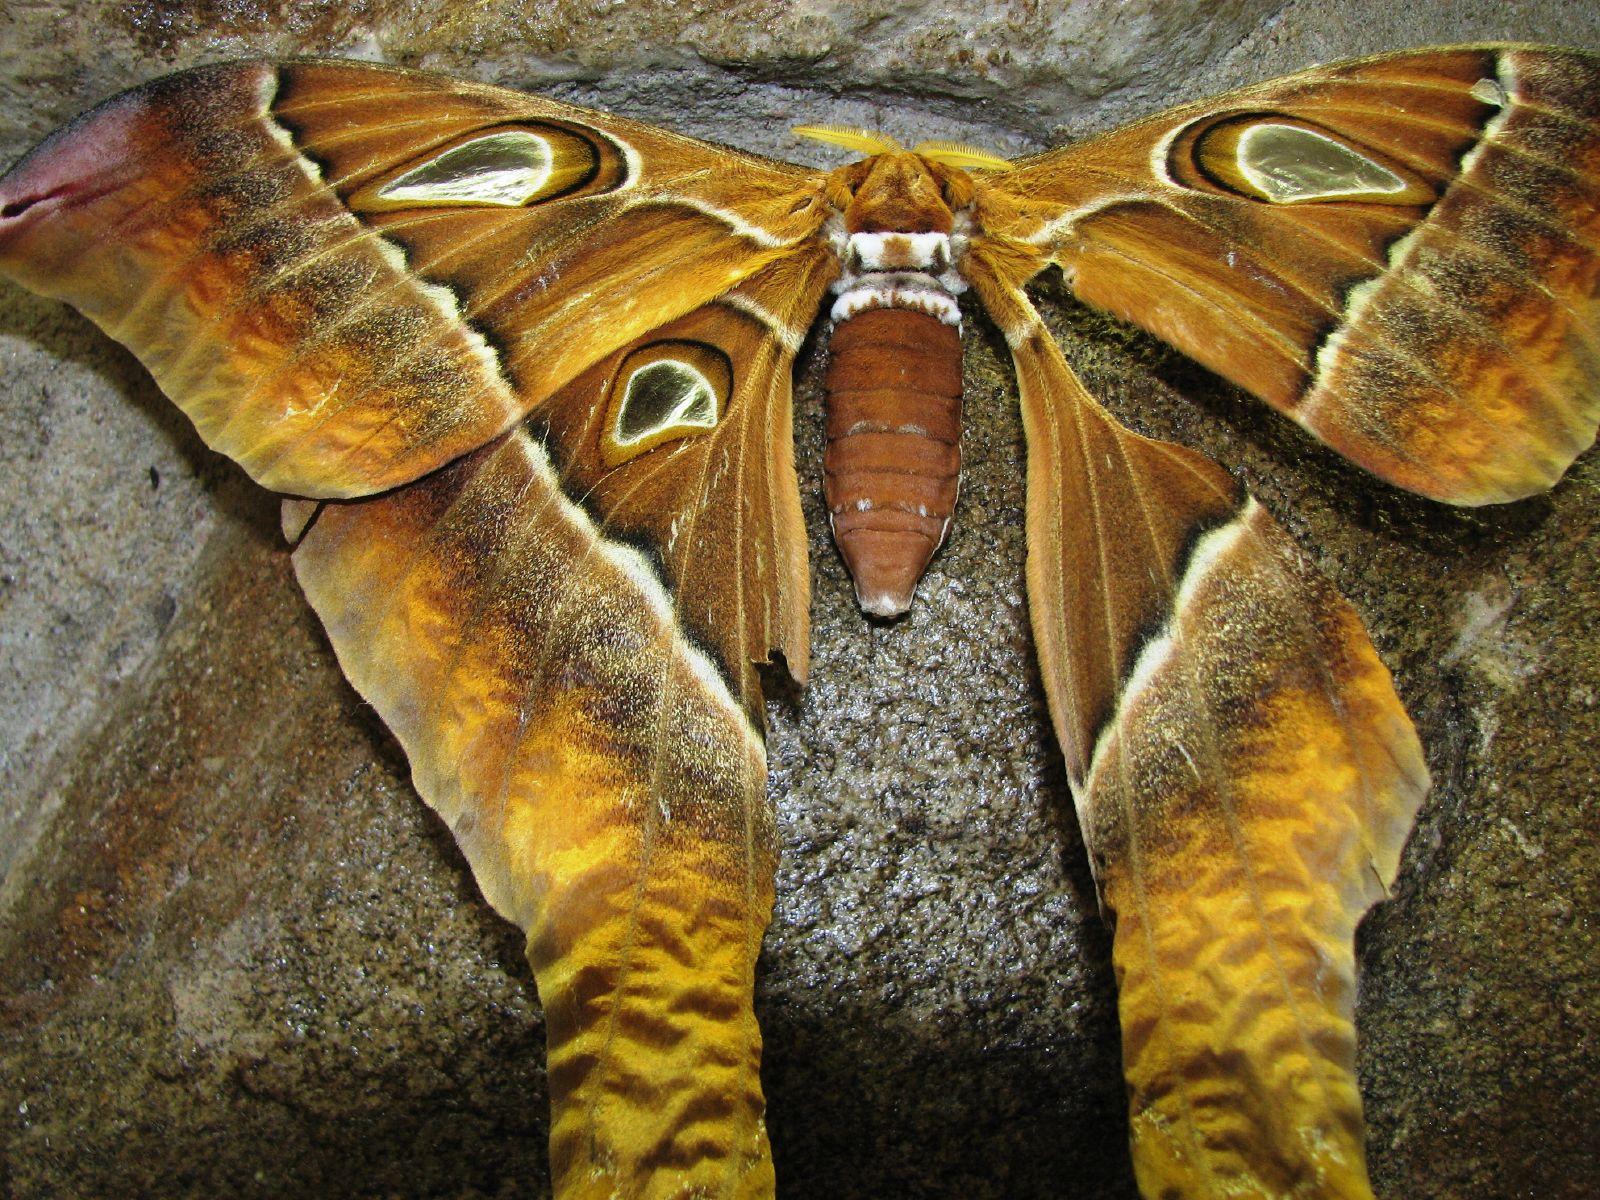 hercules-moth